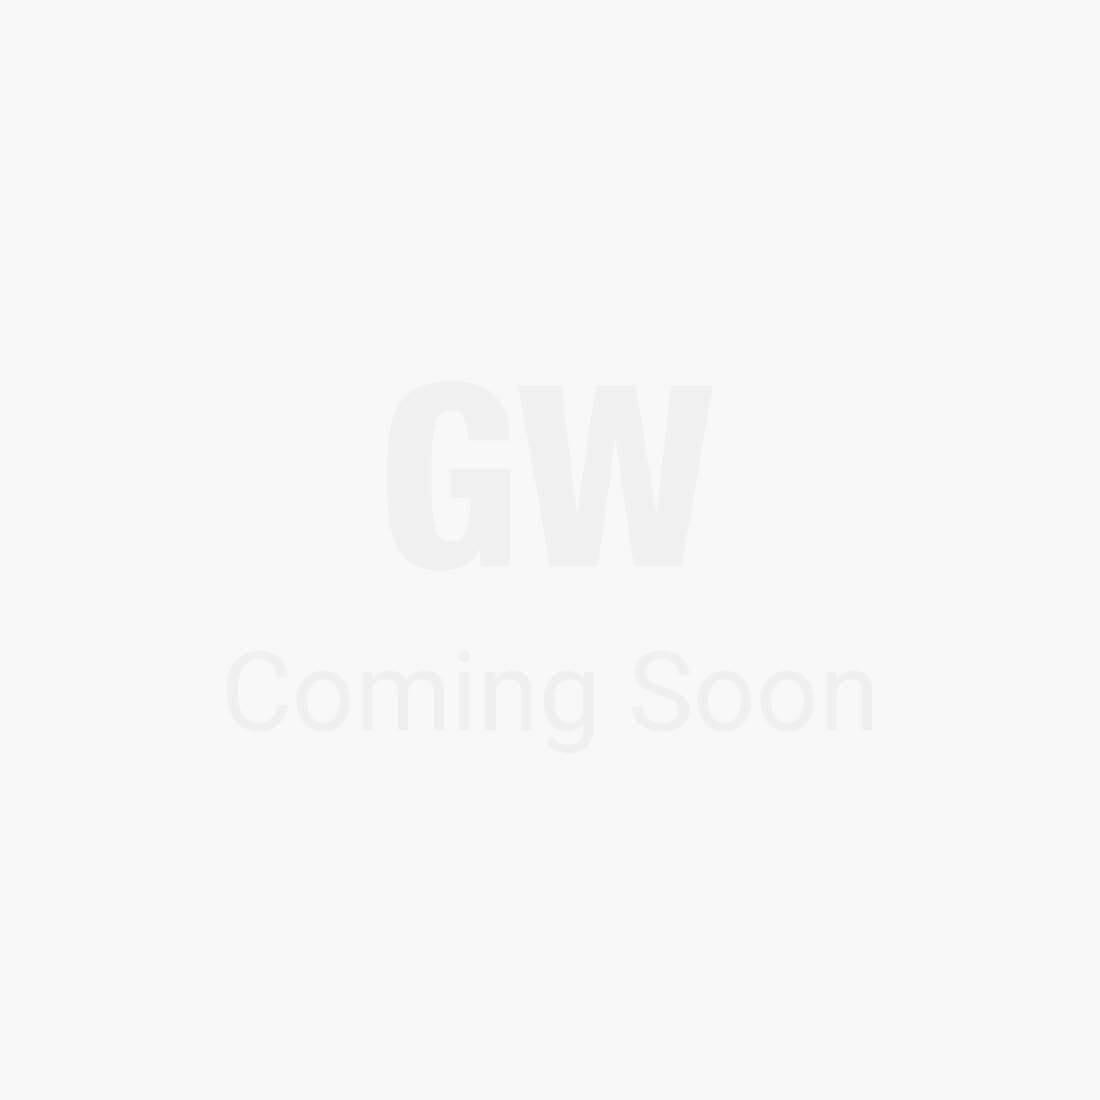 Hugo Grand Left Chaise Set